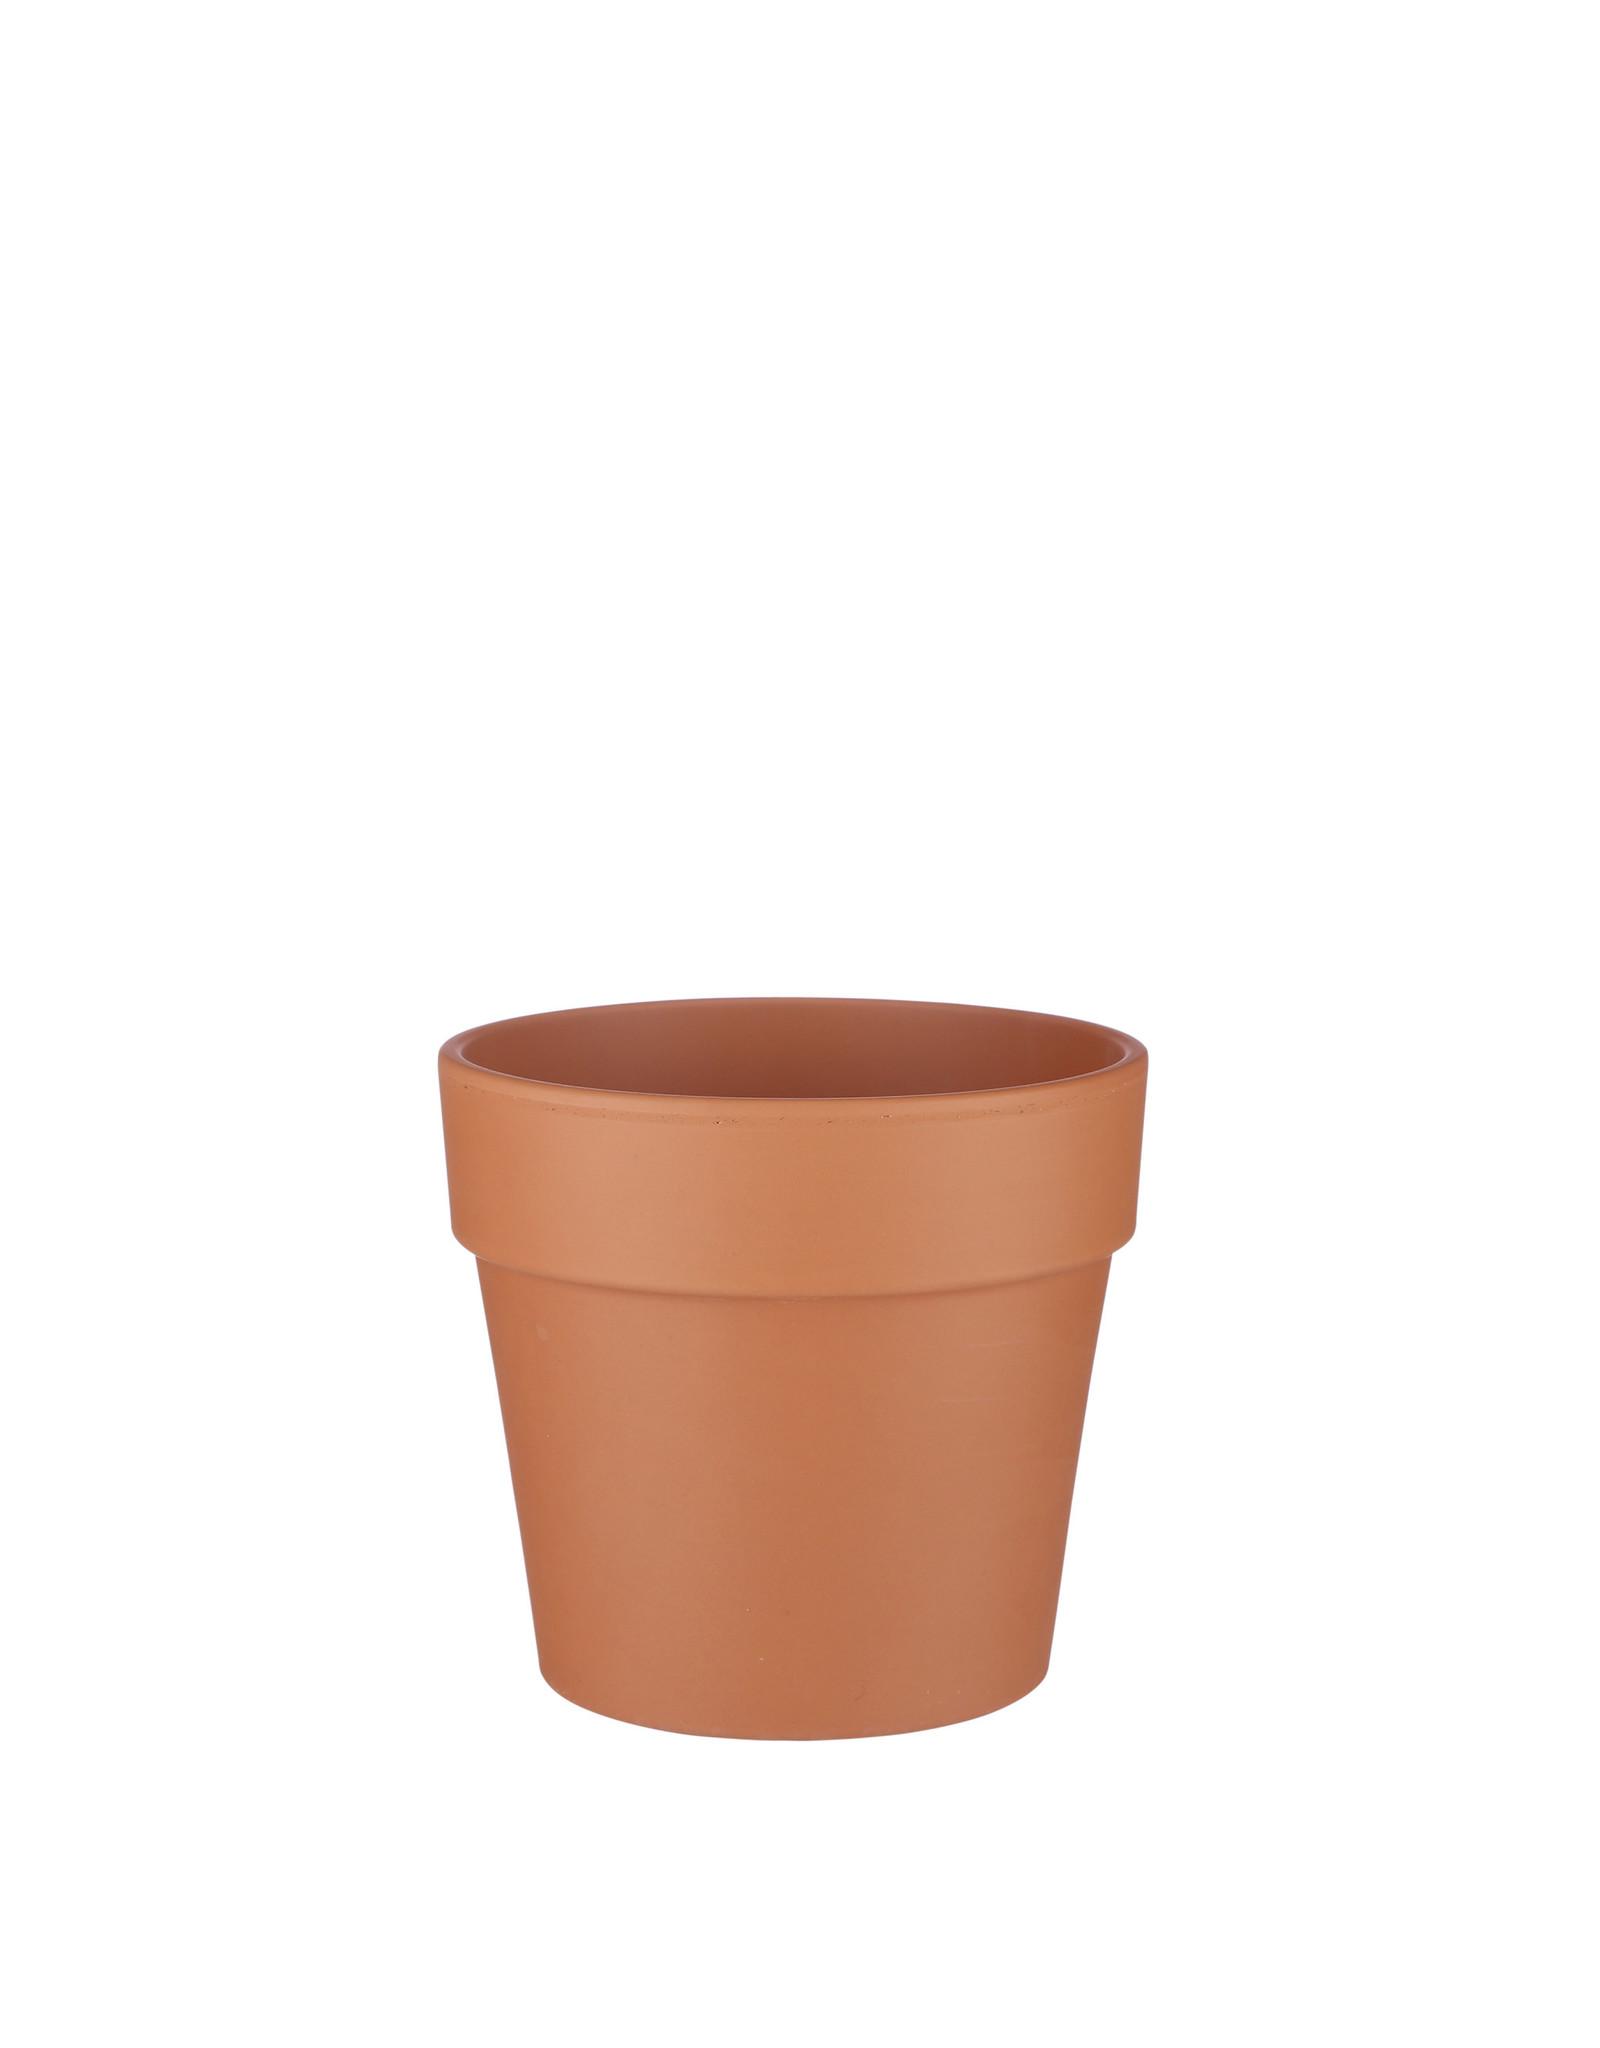 Mica Carina Pot Round